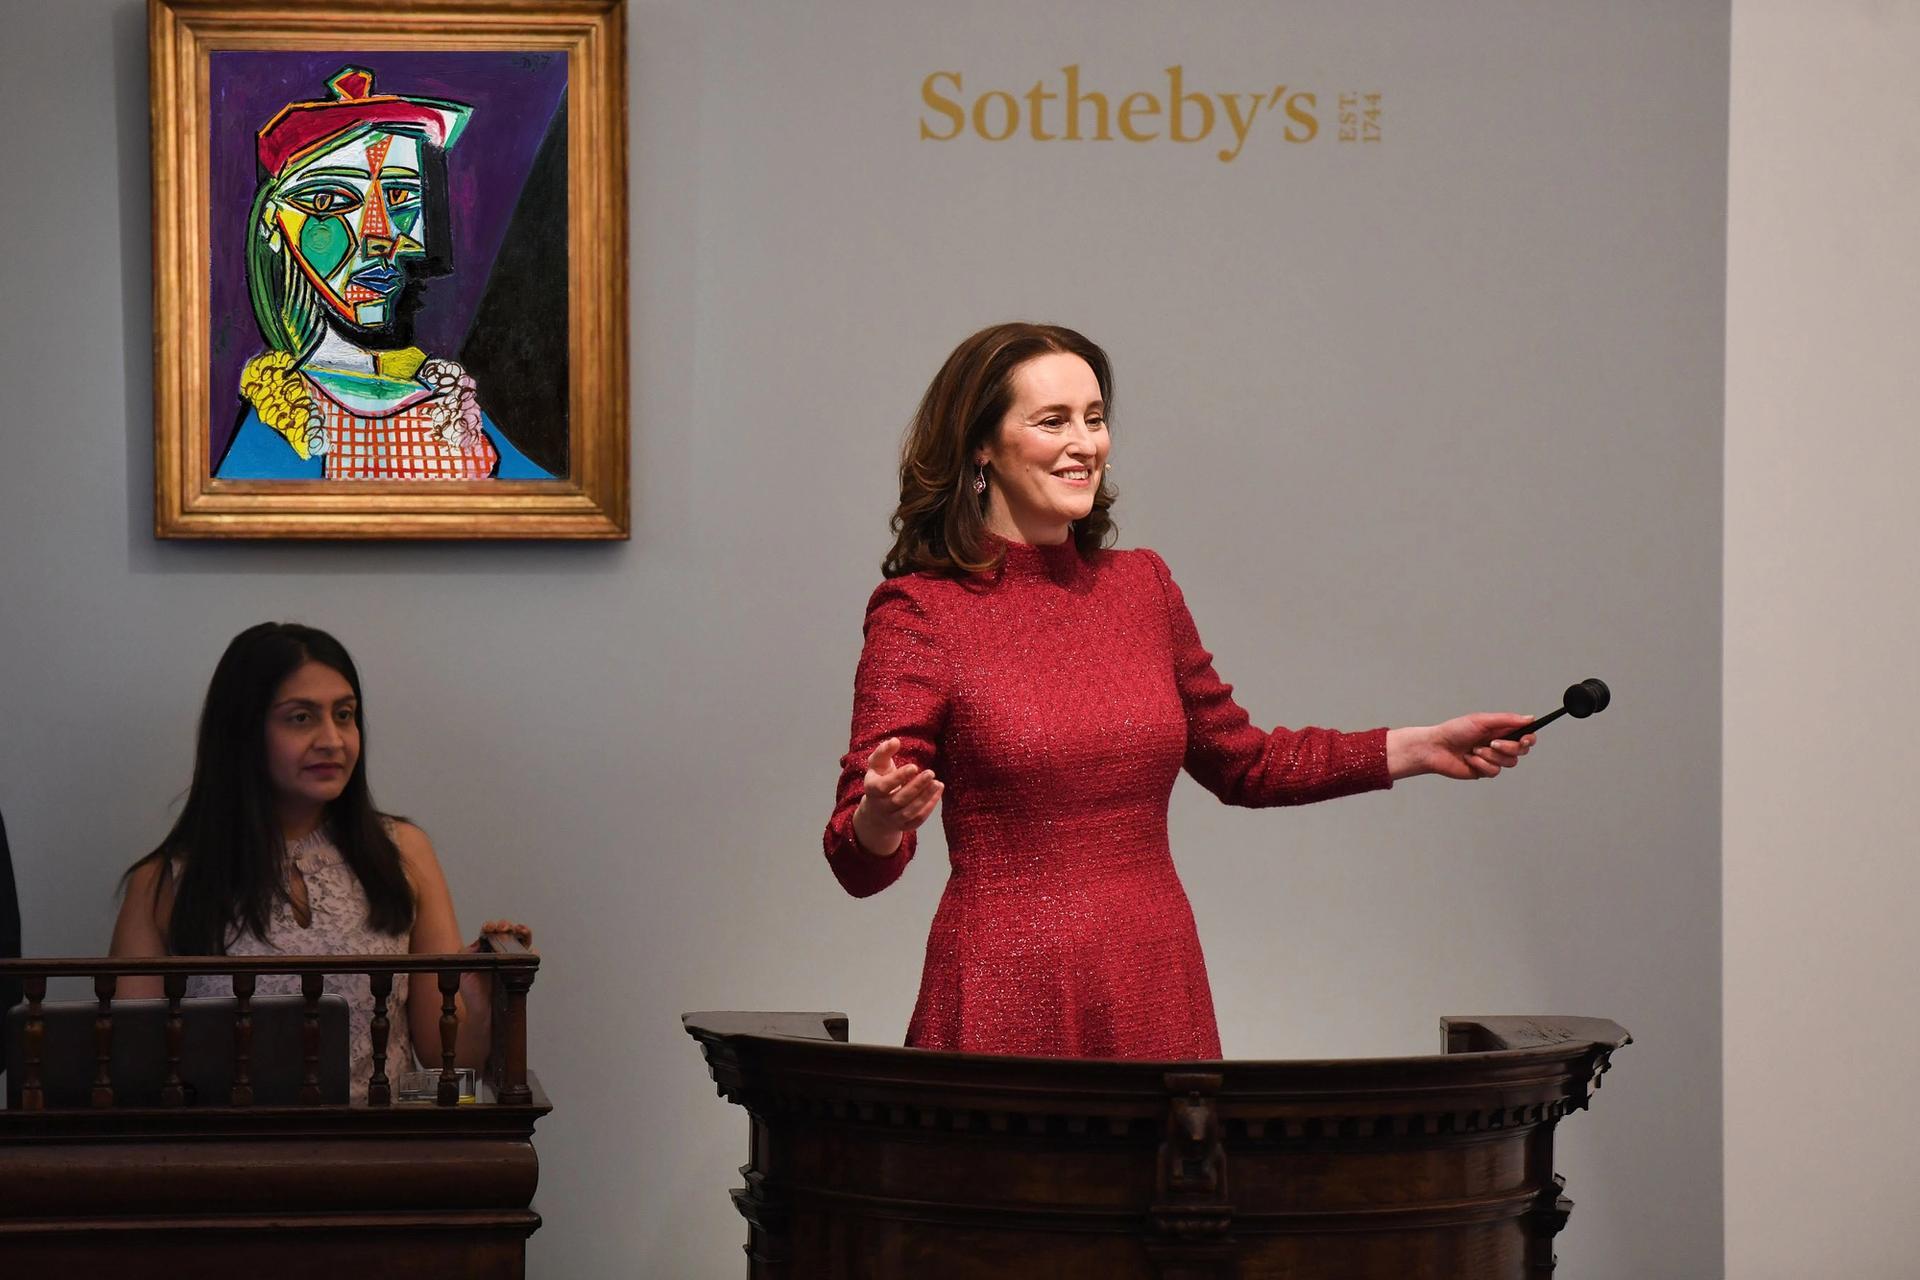 Sotheby's auctioneer Helena Newman in front of Picasso's 1937 portrait, Femme au béret et à la robe quadrillée (Marie-Thérèse Walter) Sotheby's